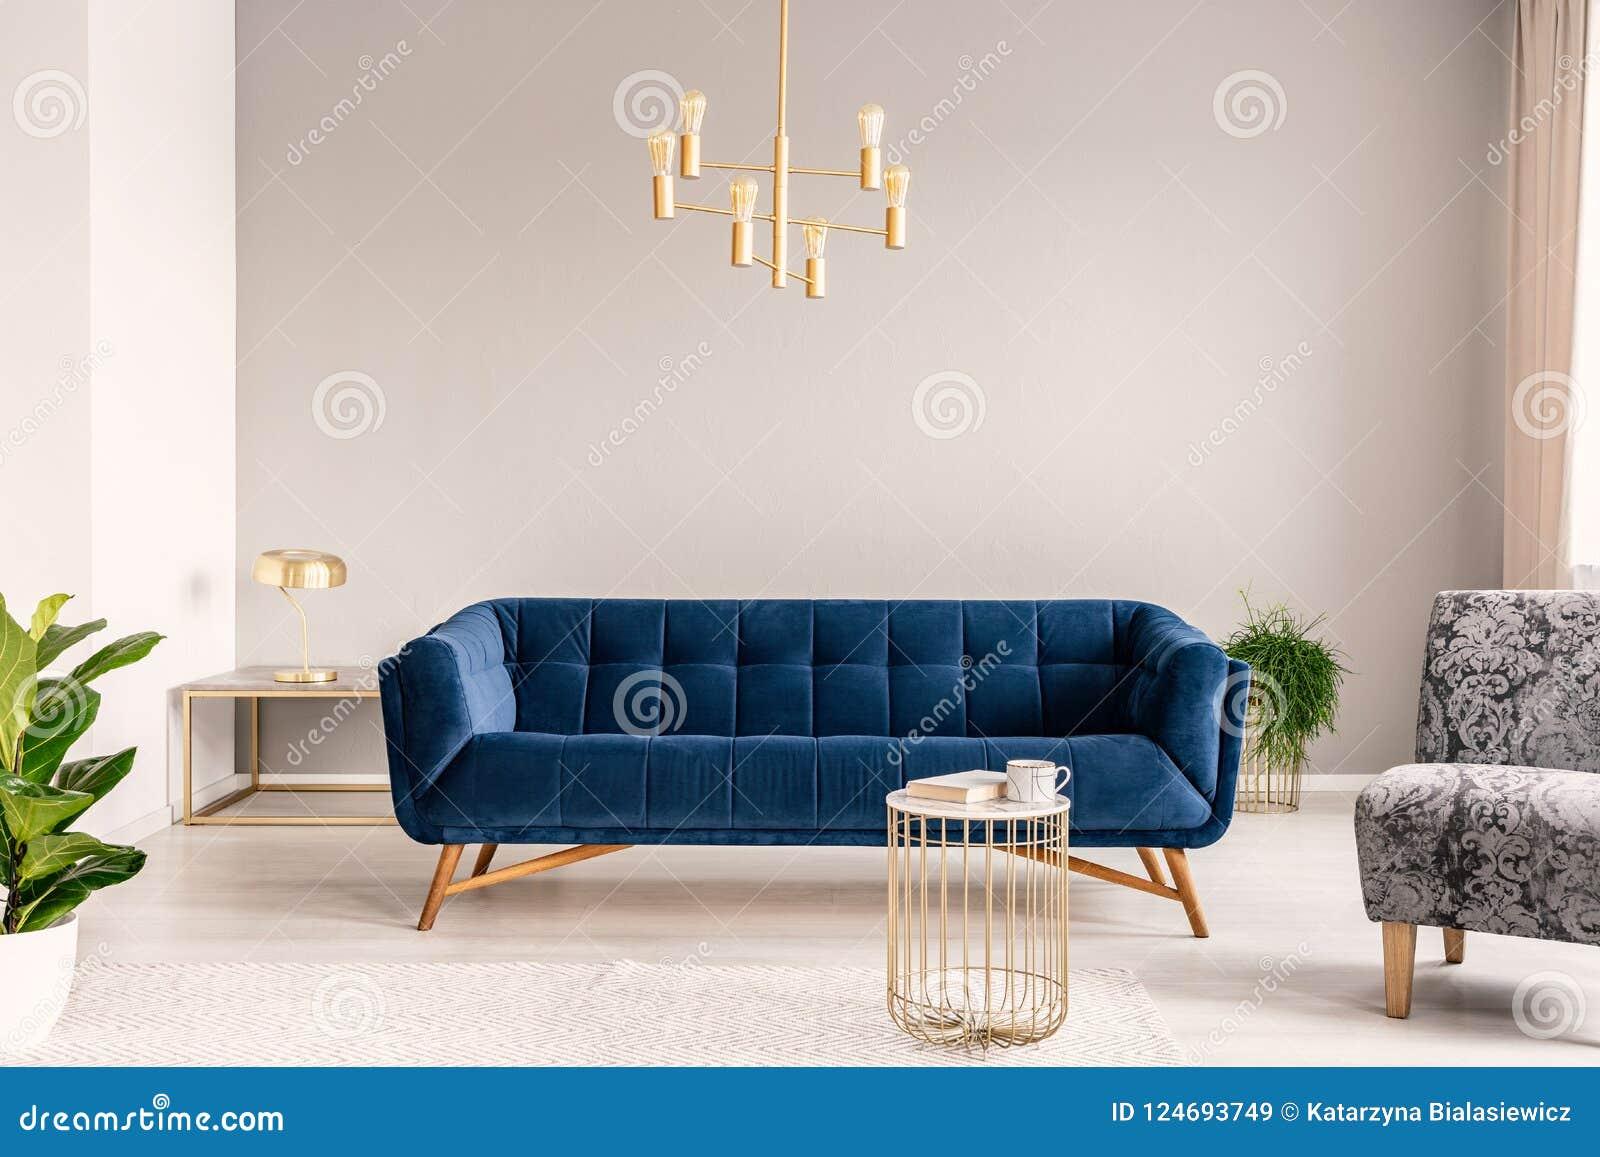 Ejecución de la lámpara del oro sobre el sofá del azul real en foto real del interior gris claro del salón con la pared vacía